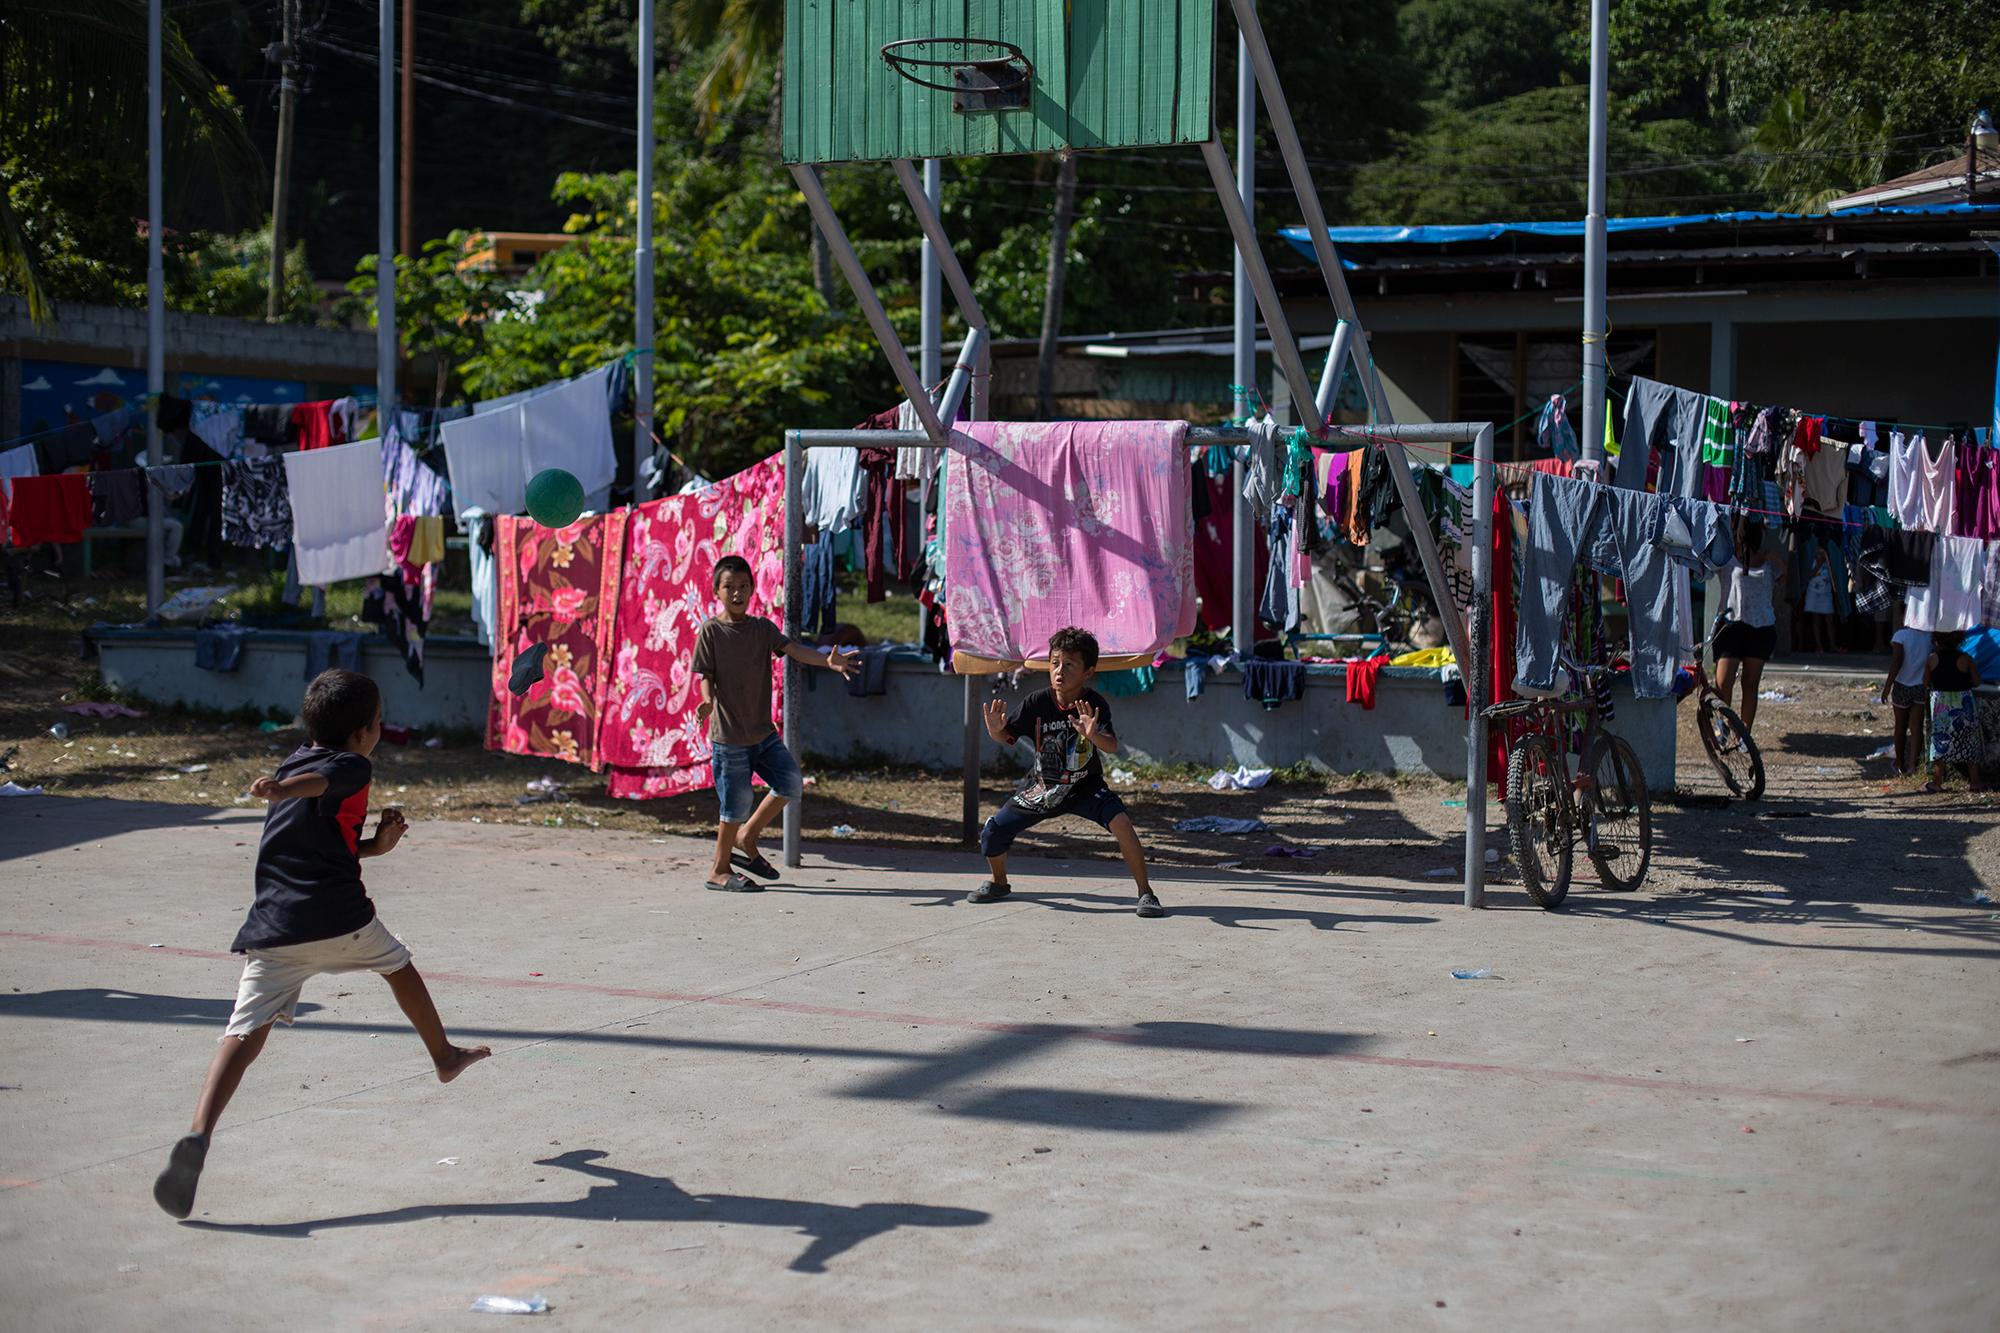 Tres niños juegan fútbol en la cancha de la Escuela Francisco Morazán de Baracoa, que ahora ha sido convertida en albergue para las personas afectadas por las inundaciones provocadas por las lluvias de la tormenta tropical Eta. Baracoa, Cortés, 15 de noviembre de 2020. Foto: Martín Cálix.